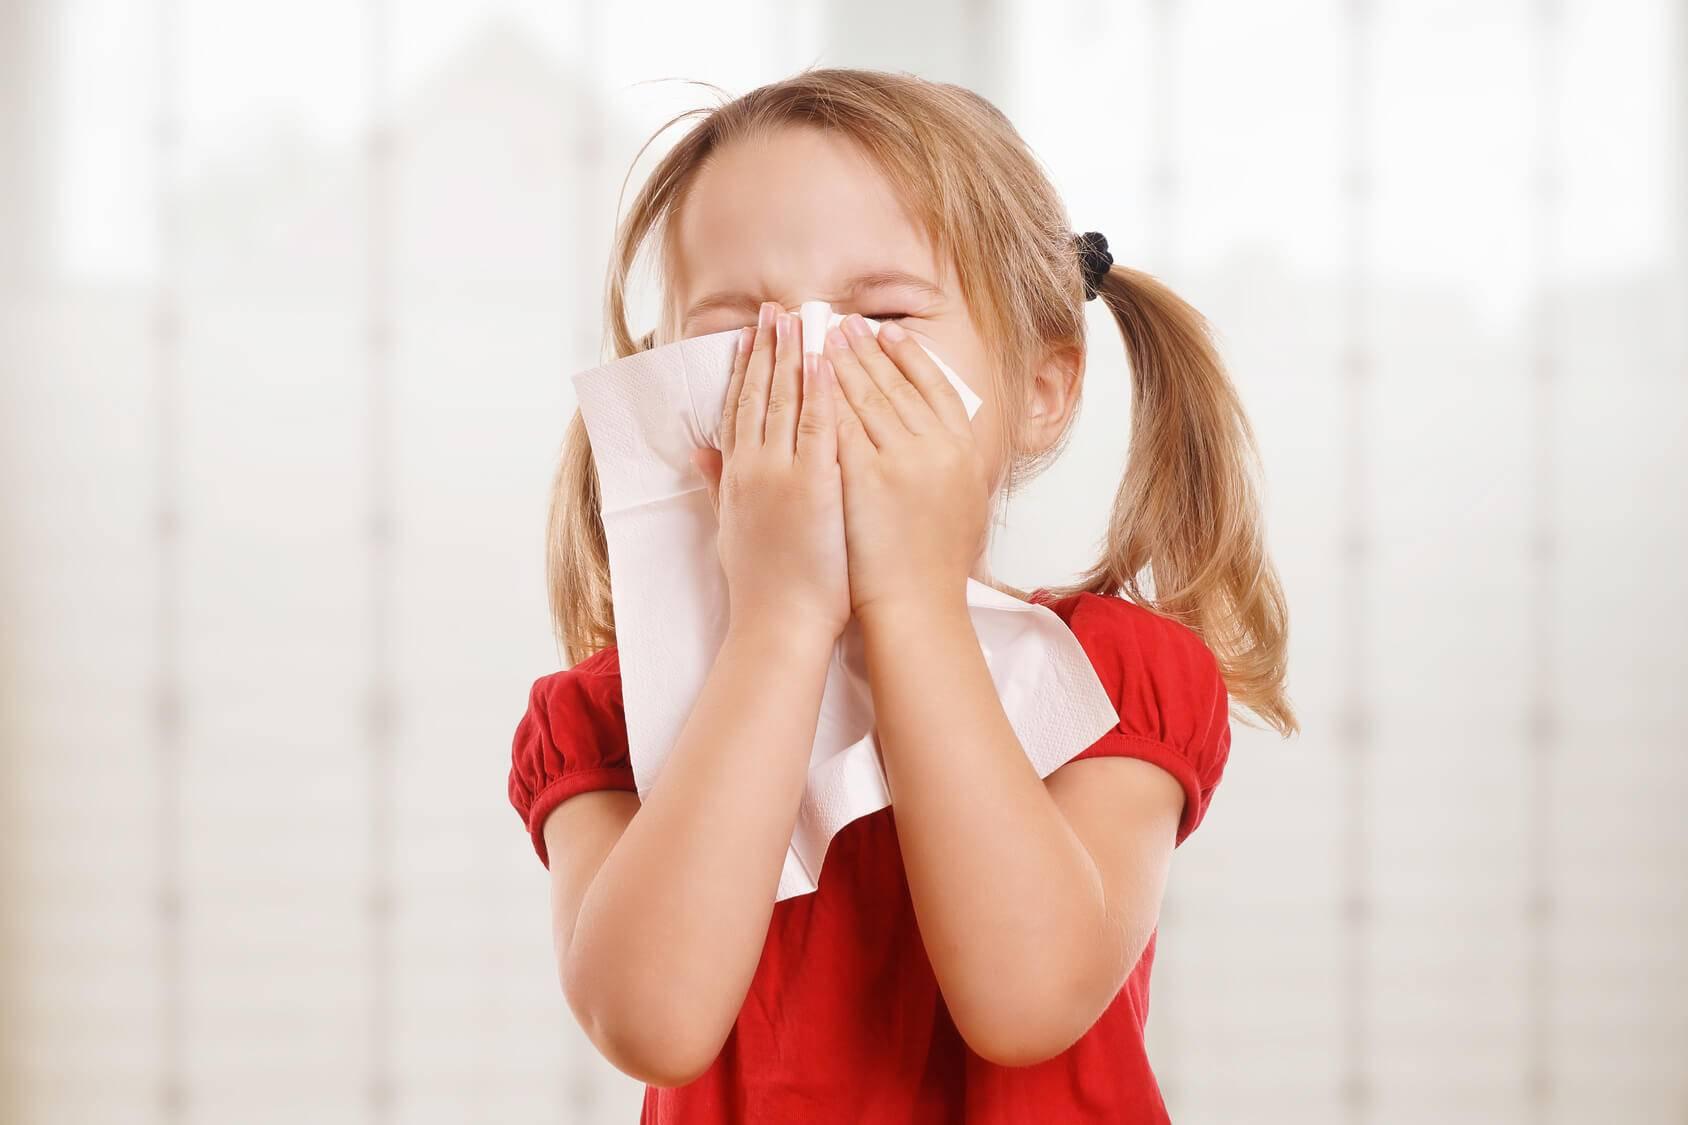 Ринофарингит - детские  болезни:  как лечить